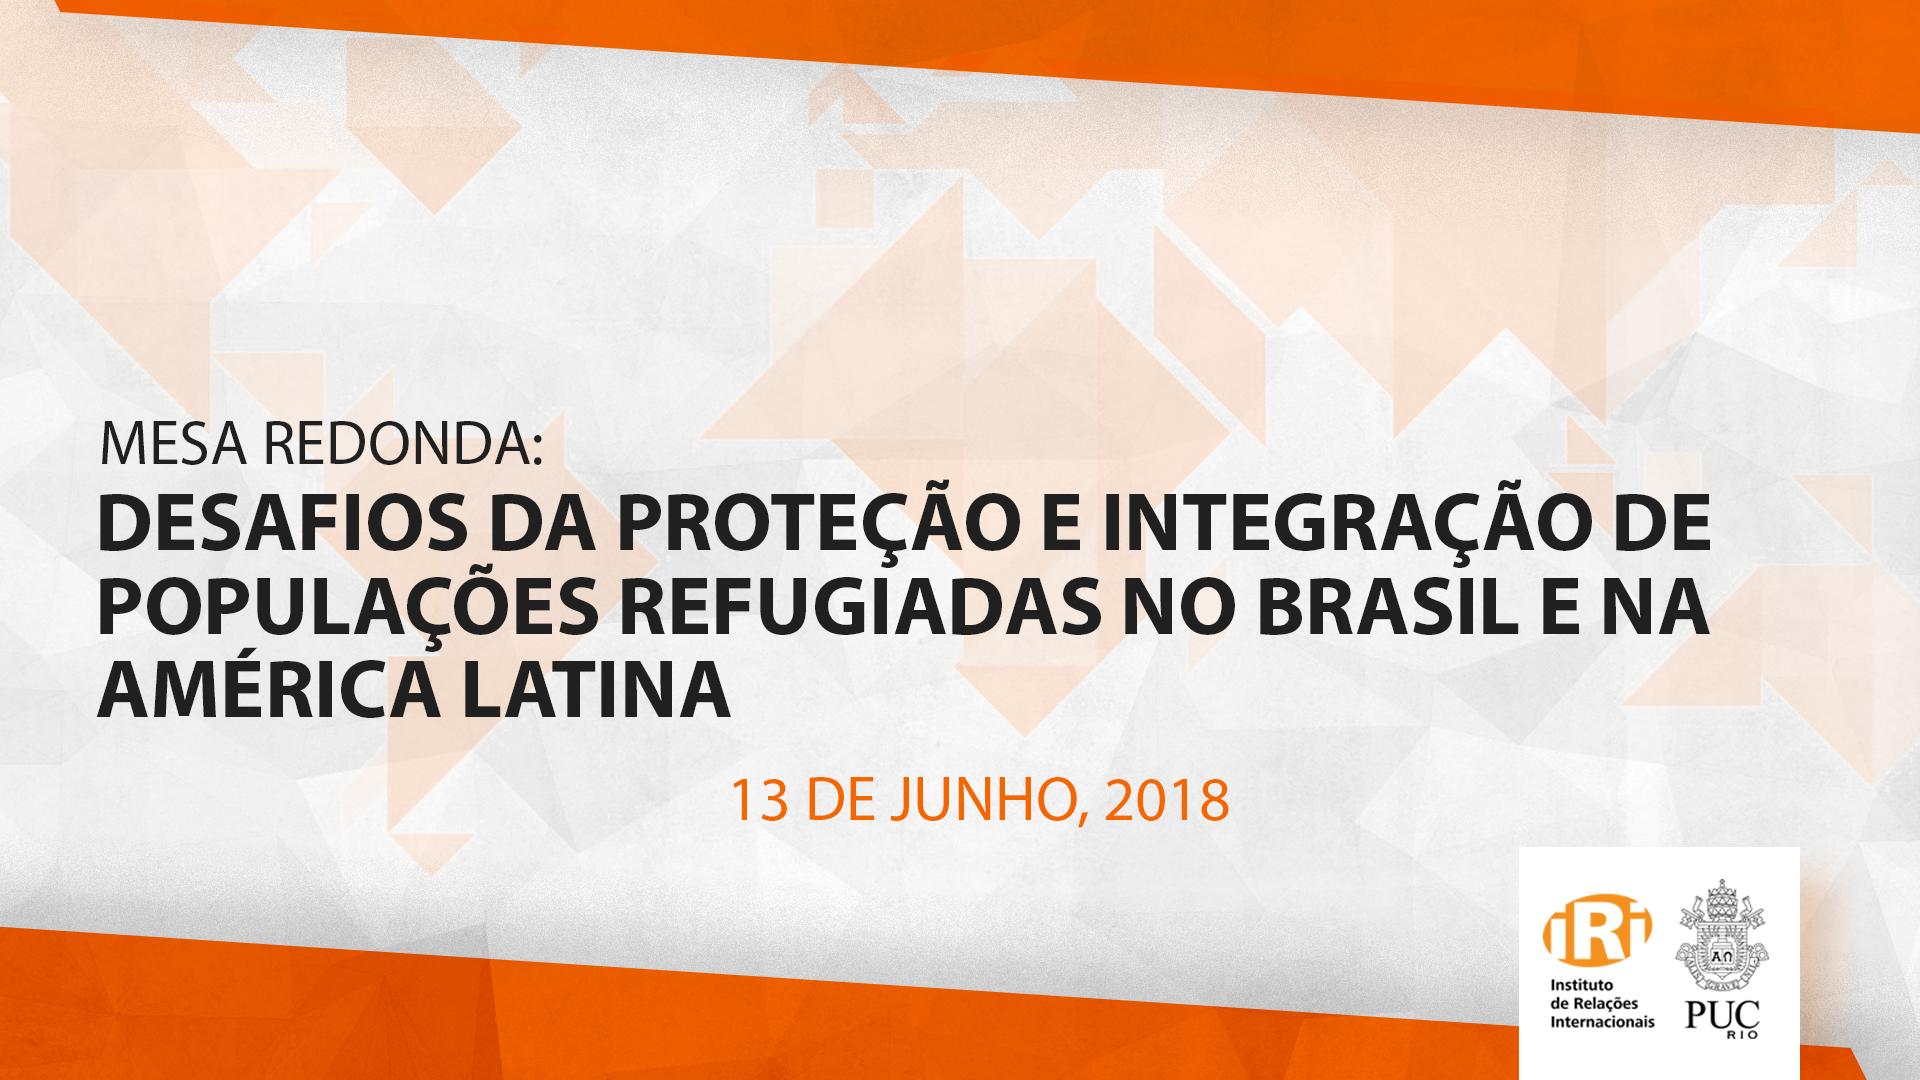 Desafios da proteção e integração de populações refugiadas no Brasil e na América Latina